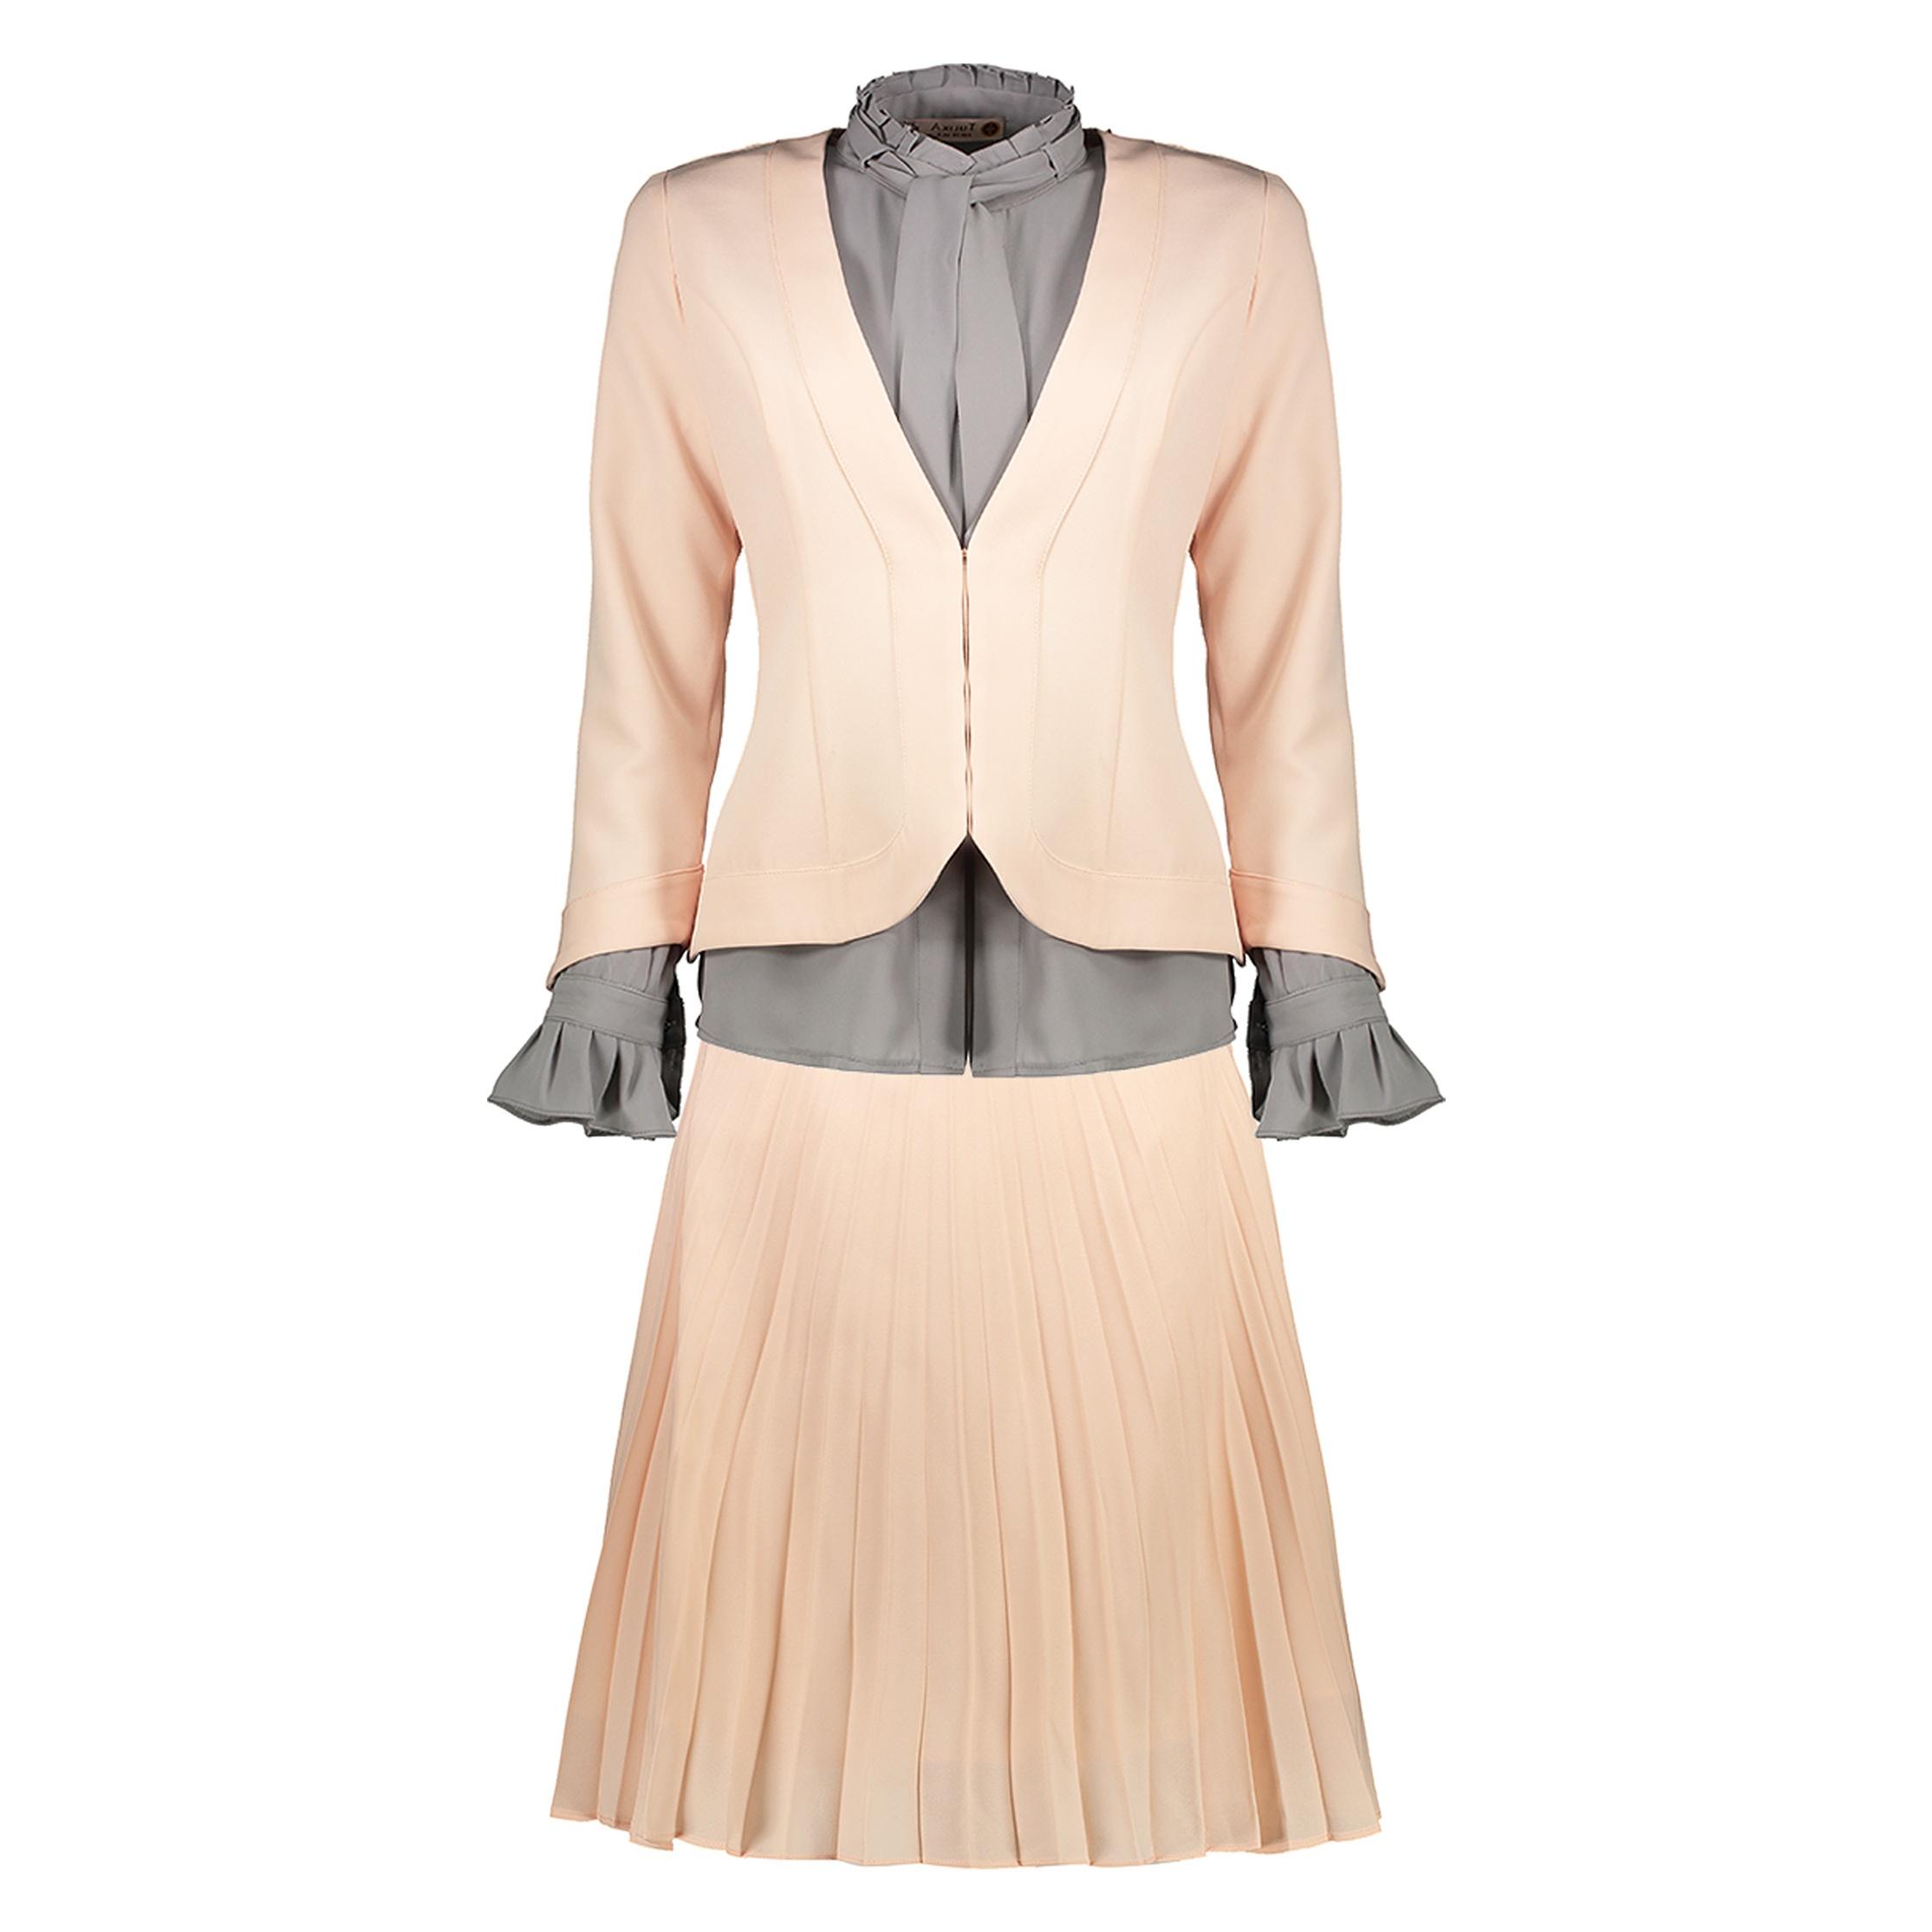 ست 3 تکه لباس زنانه تولیکا کد 4147202